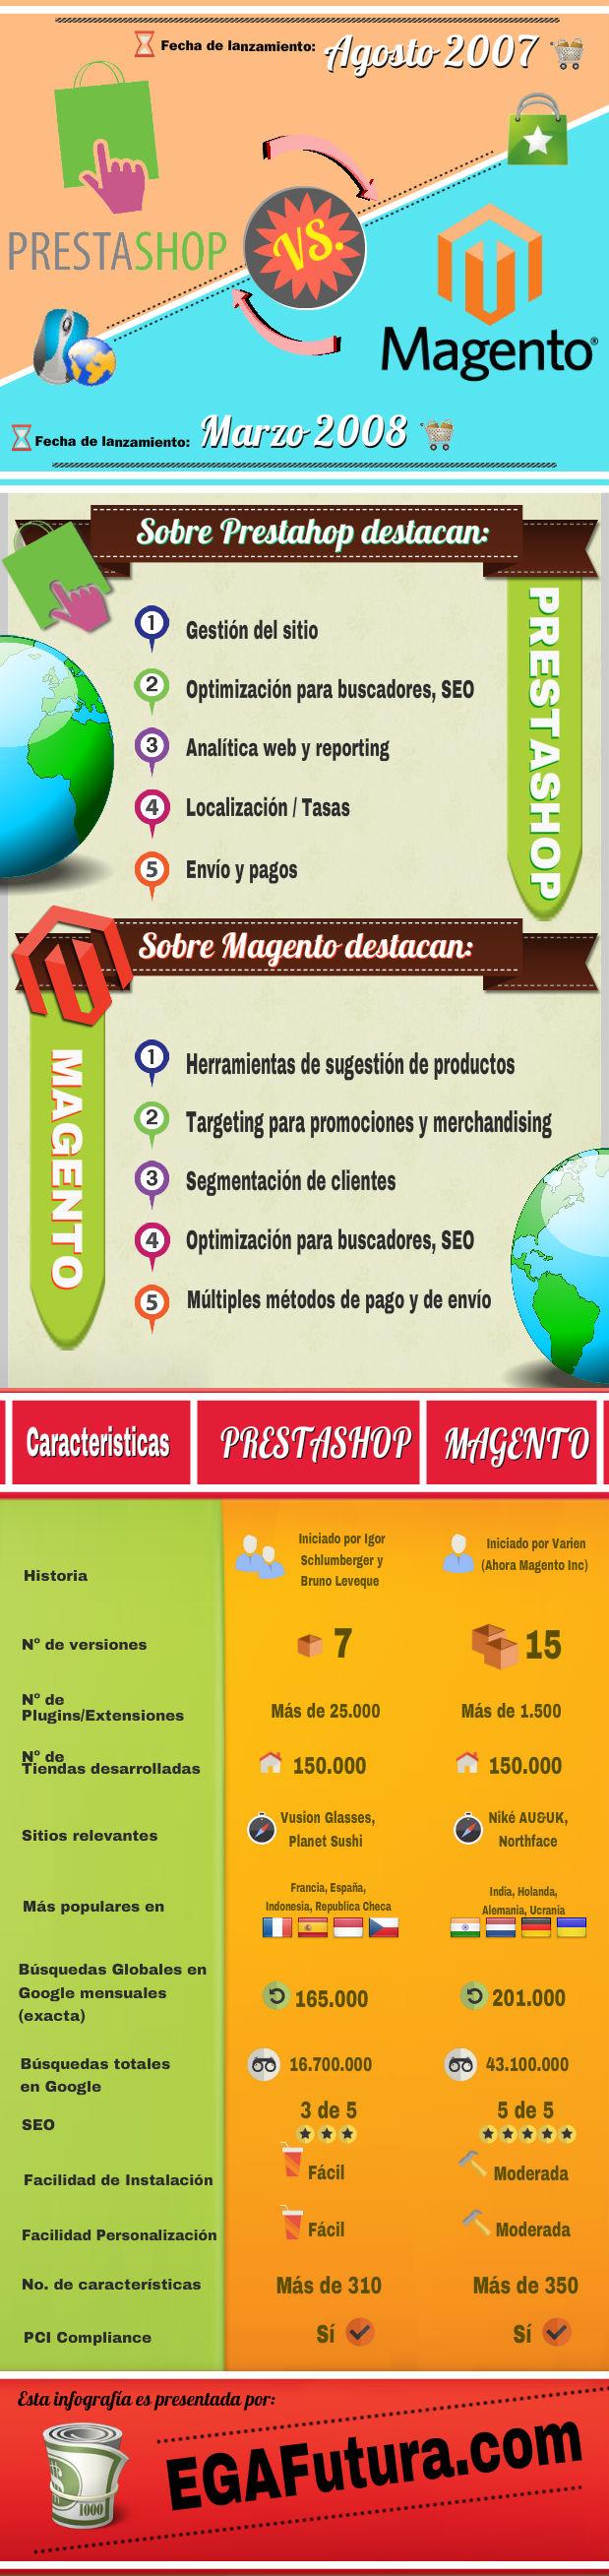 PrestaShop vs Magento